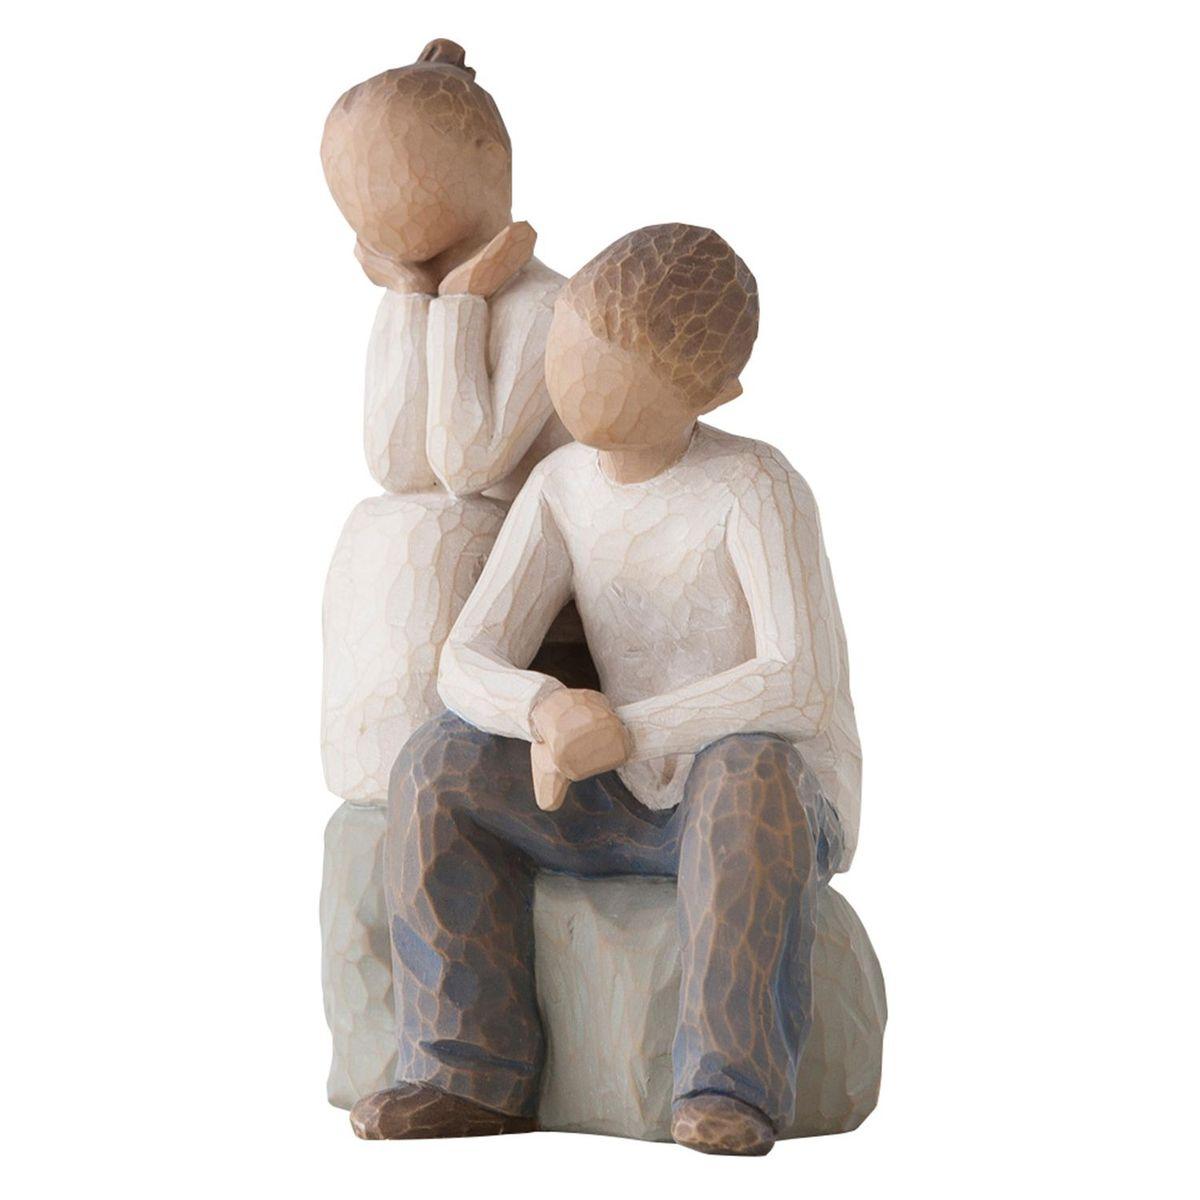 Фигурка Willow Tree Брат и сестра, 14 см26187Эти прекрасные статуэтки созданы канадским скульптором Сьюзан Лорди. Каждая фигурка – это настоящее произведение искусства, образная скульптура в миниатюре, изображающая эмоции и чувства, которые помогают нам чувствовать себя ближе к другим, верить в мечту, выражать любовь. Каждая фигурка помещена в красивую упаковку. Купить такой оригинальный подарок, значит не только украсить интерьер помещения или жилой комнаты, но выразить свое глубокое отношение к любимому человеку. Этот прекрасный сувенир будет лучшим подарком на день ангела, именины, день рождения, юбилей. Материал: Искусственный камень (49% карбонат кальция мелкозернистой разновидности, 51% искусственный камень)